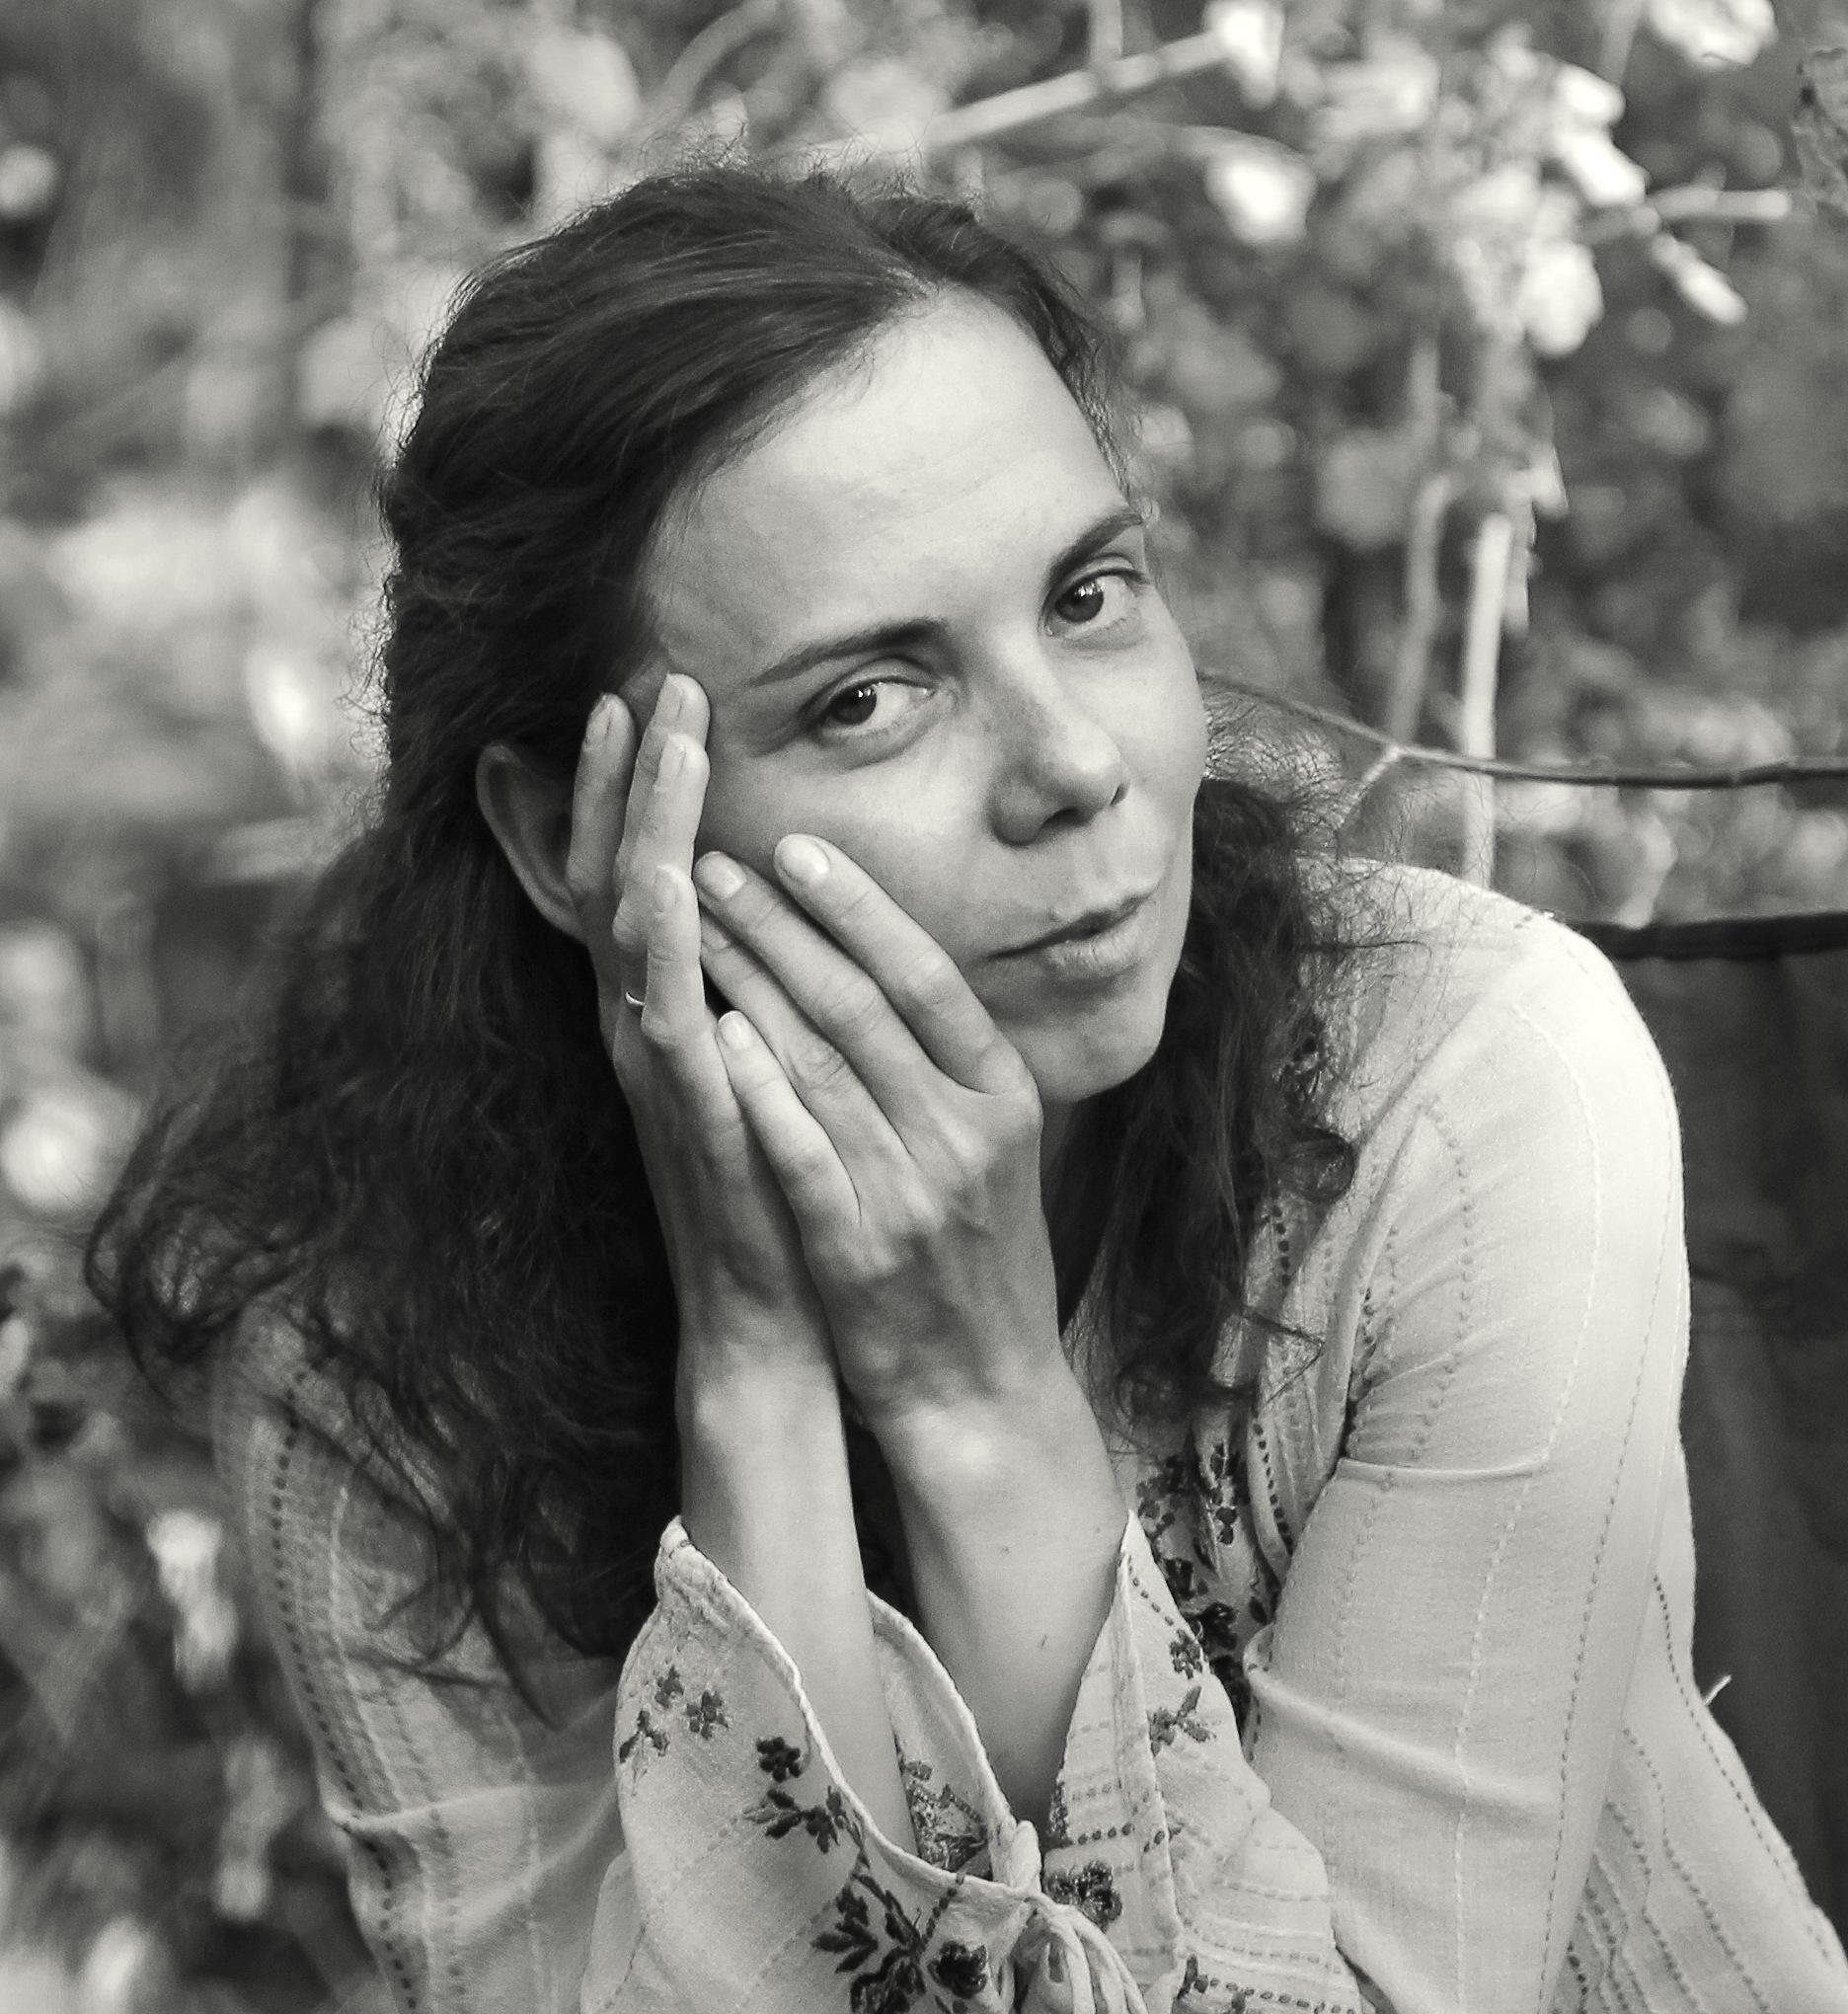 Zhenya in the forest by Сергей Юрьев